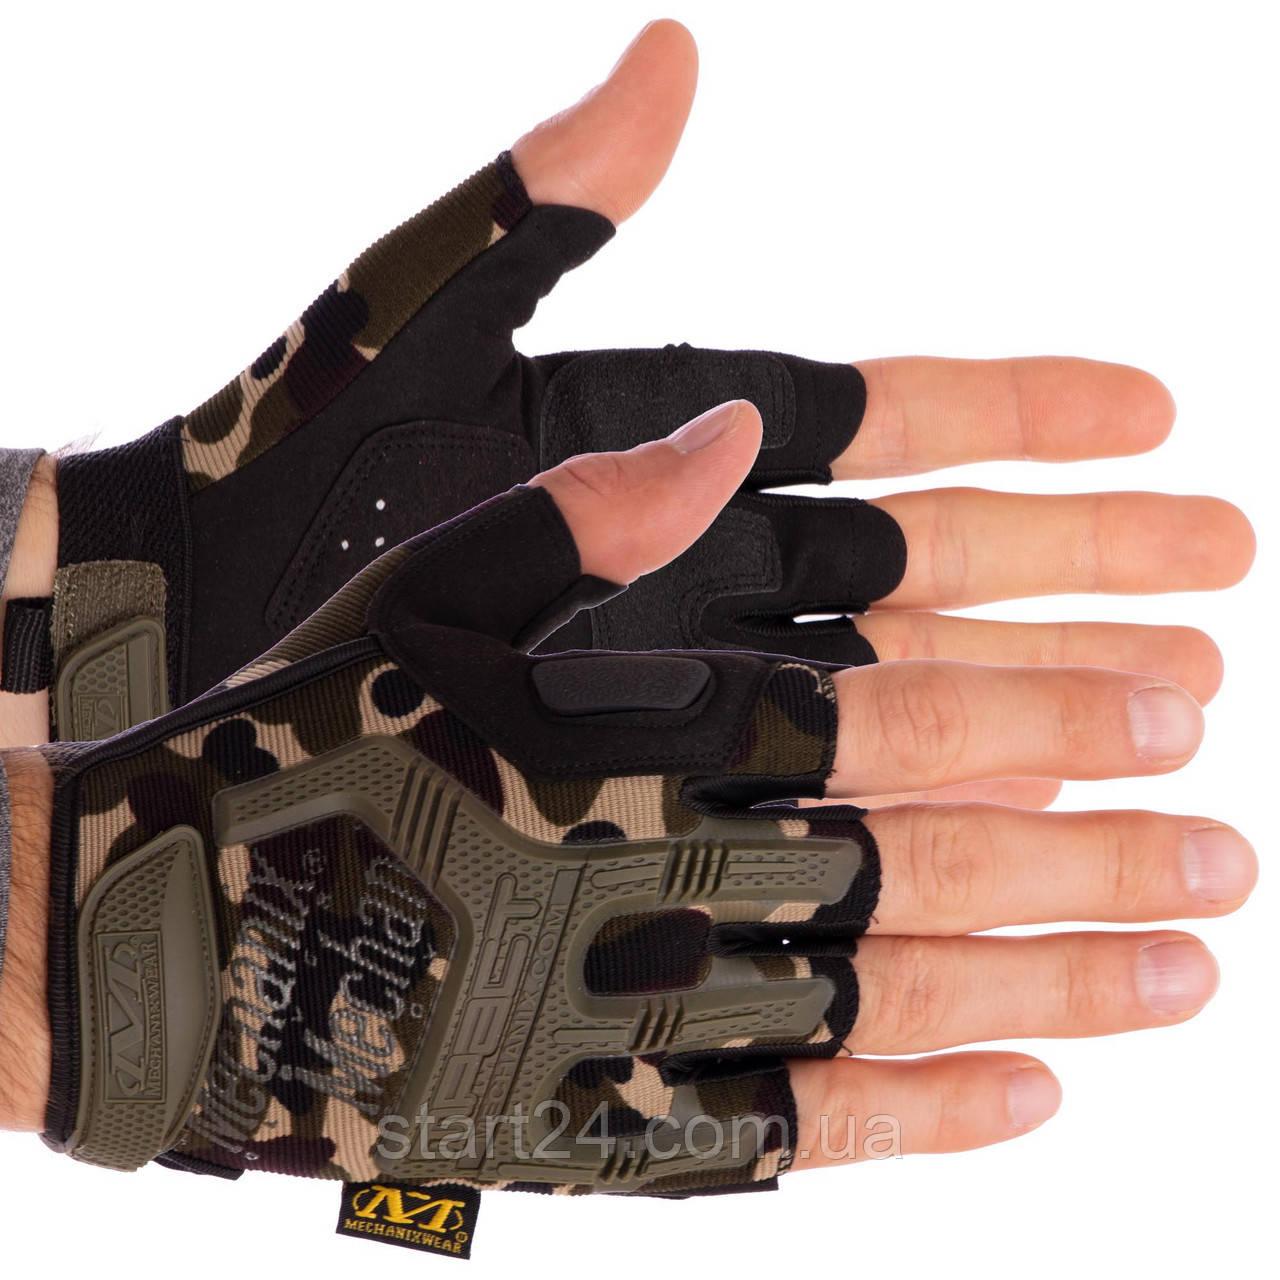 Рукавиці тактичні з відкритими пальцями MECHANIX BC-4927-HG (р-р L-XL, камуфляж Woodland)